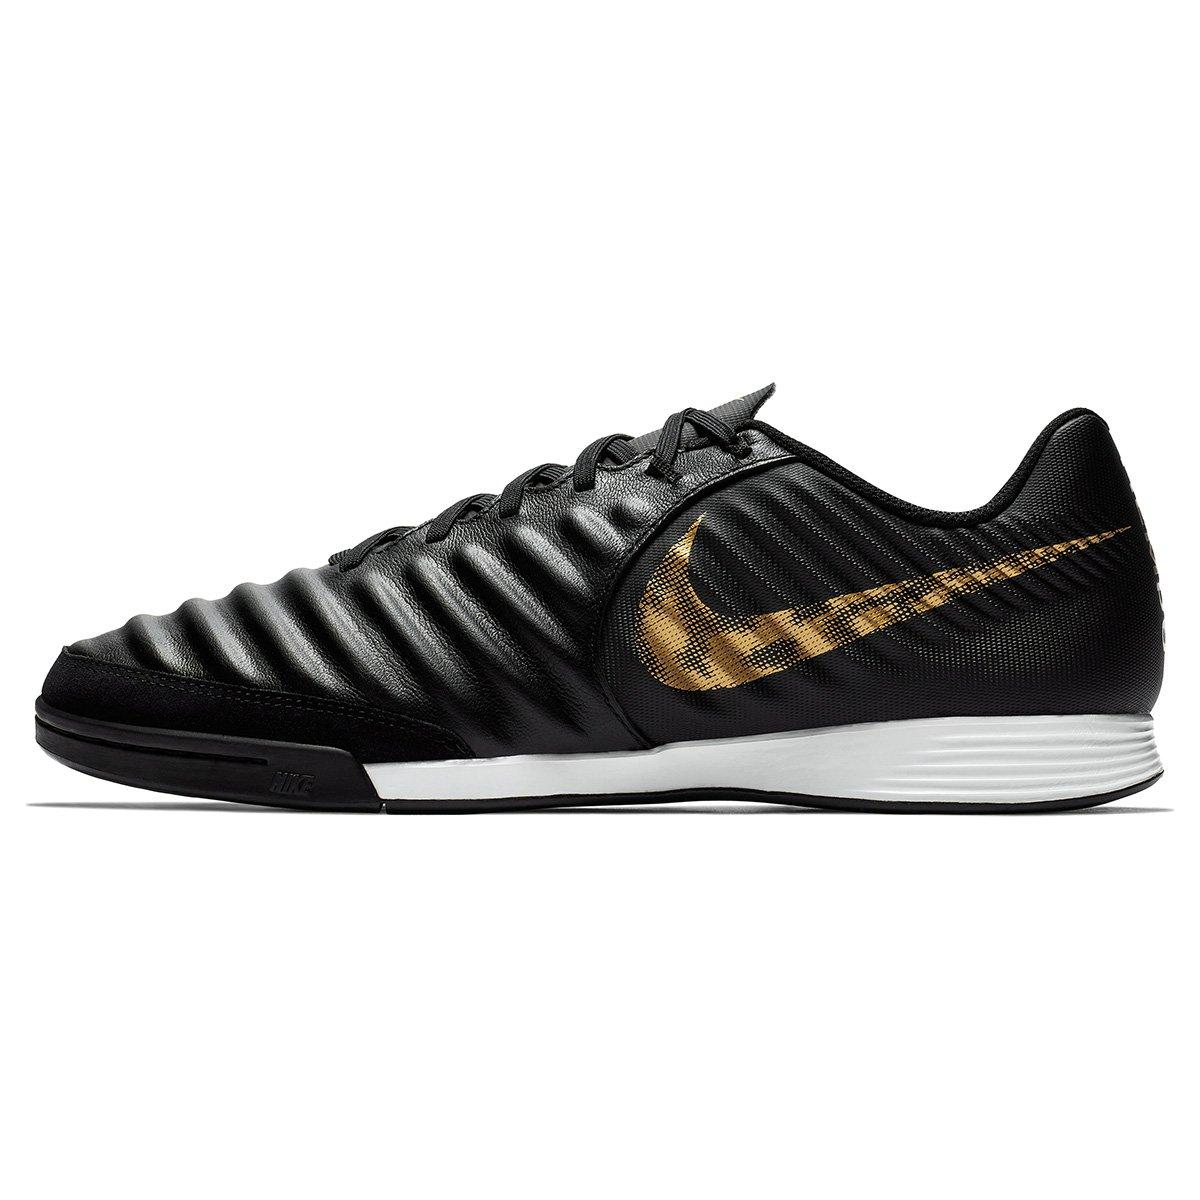 Chuteira Futsal Nike Tiempo Legend 7 Academy IC - Preto e Dourado - Compre  Agora  82e0347d71d34